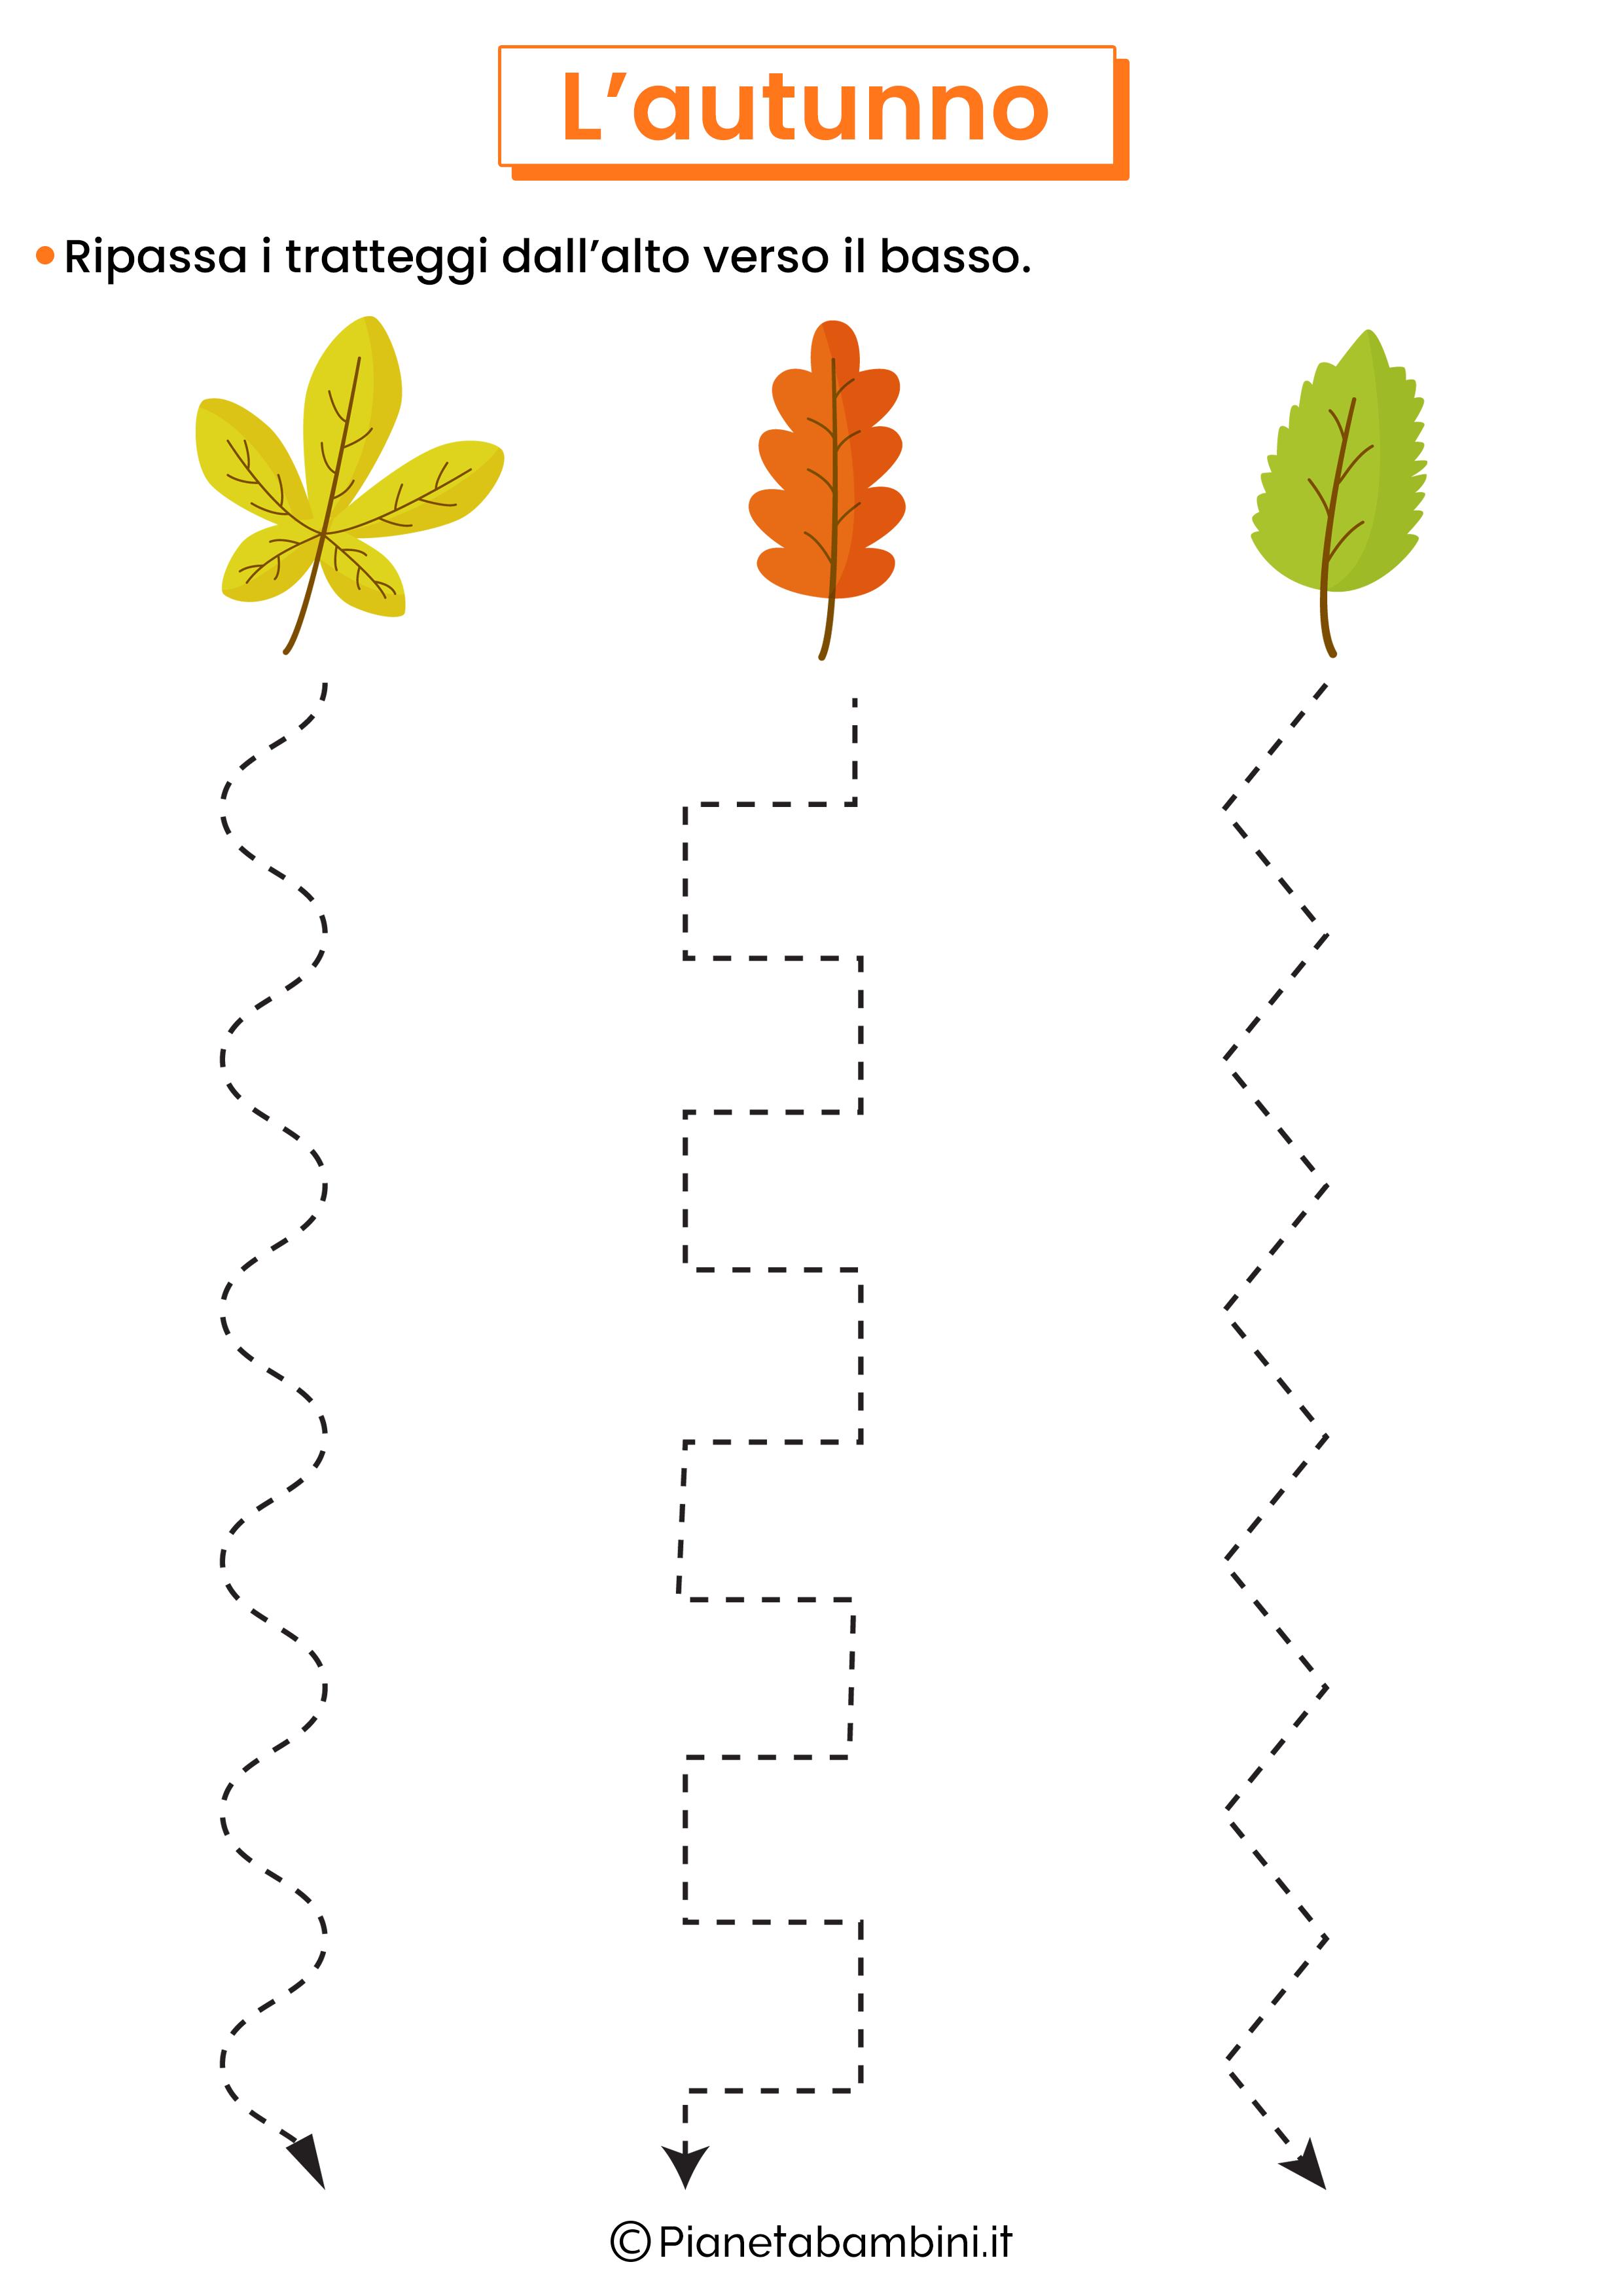 Scheda didattica sull'autunno per la scuola dell'infanzia 1